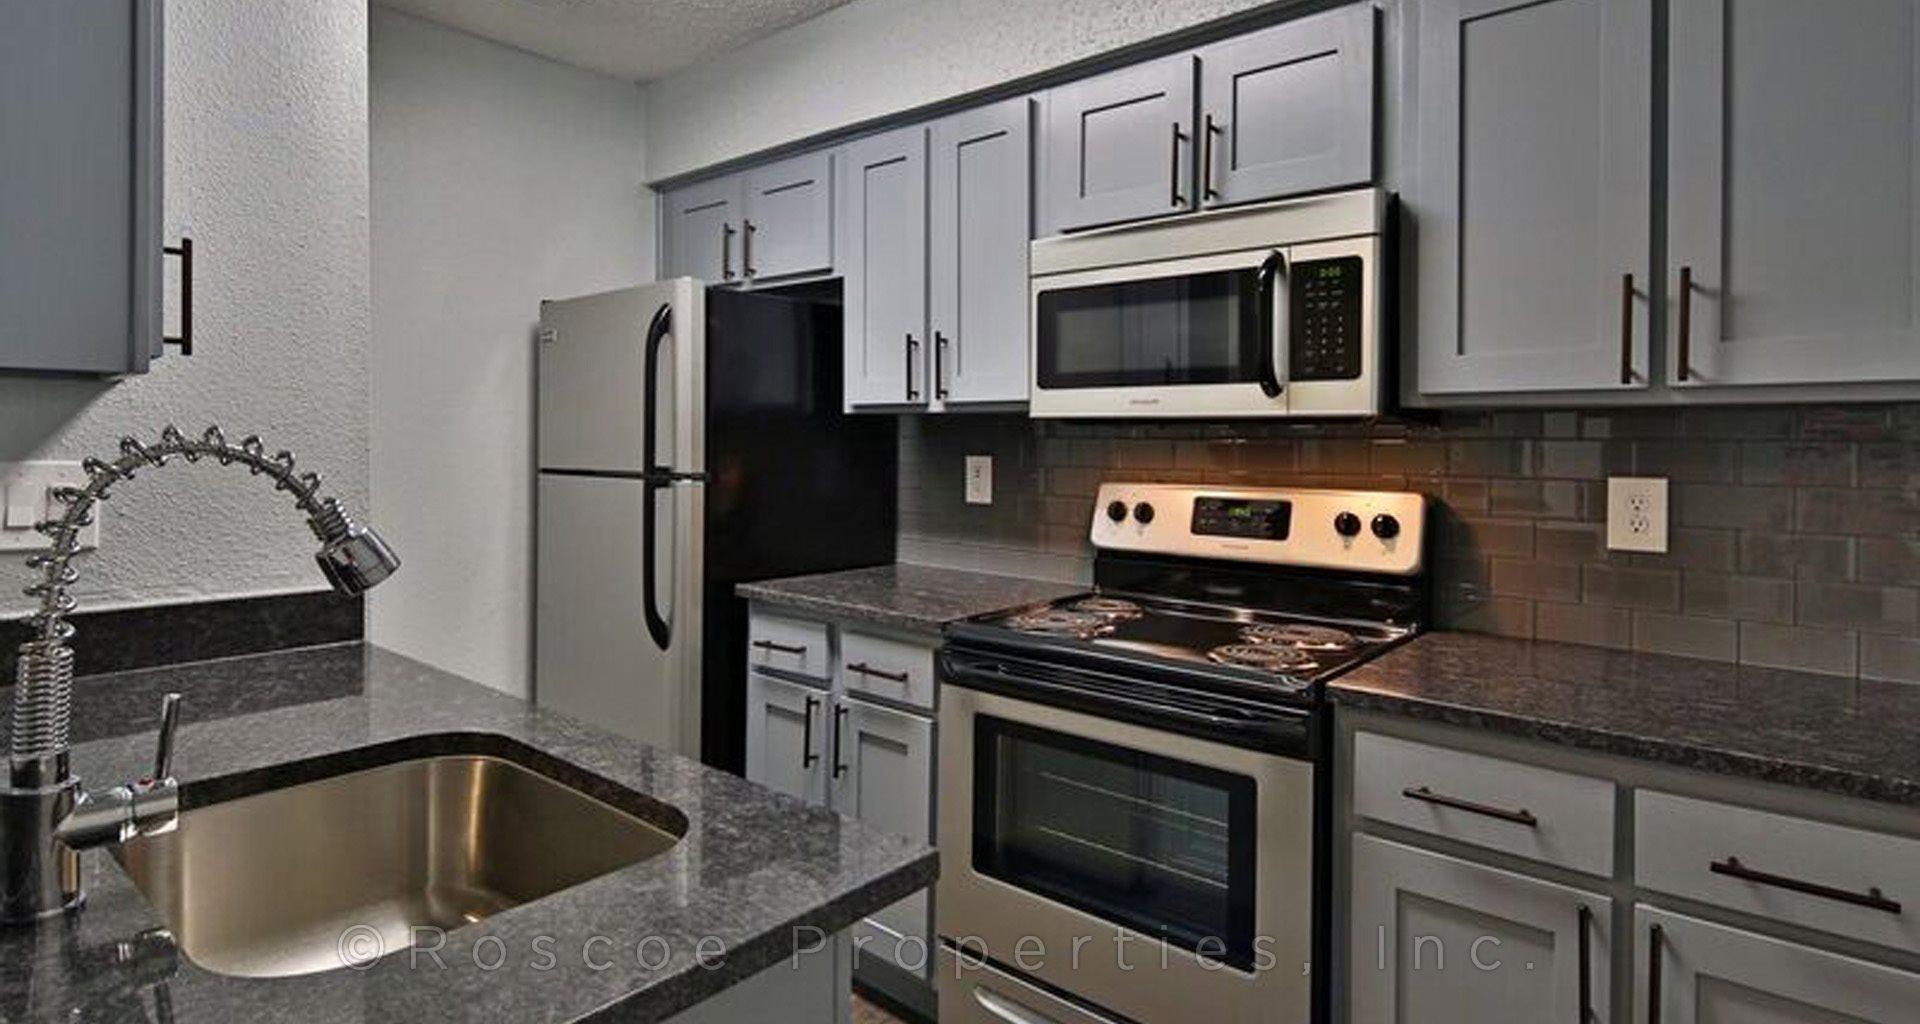 Verde Apartments homepagegallery 2